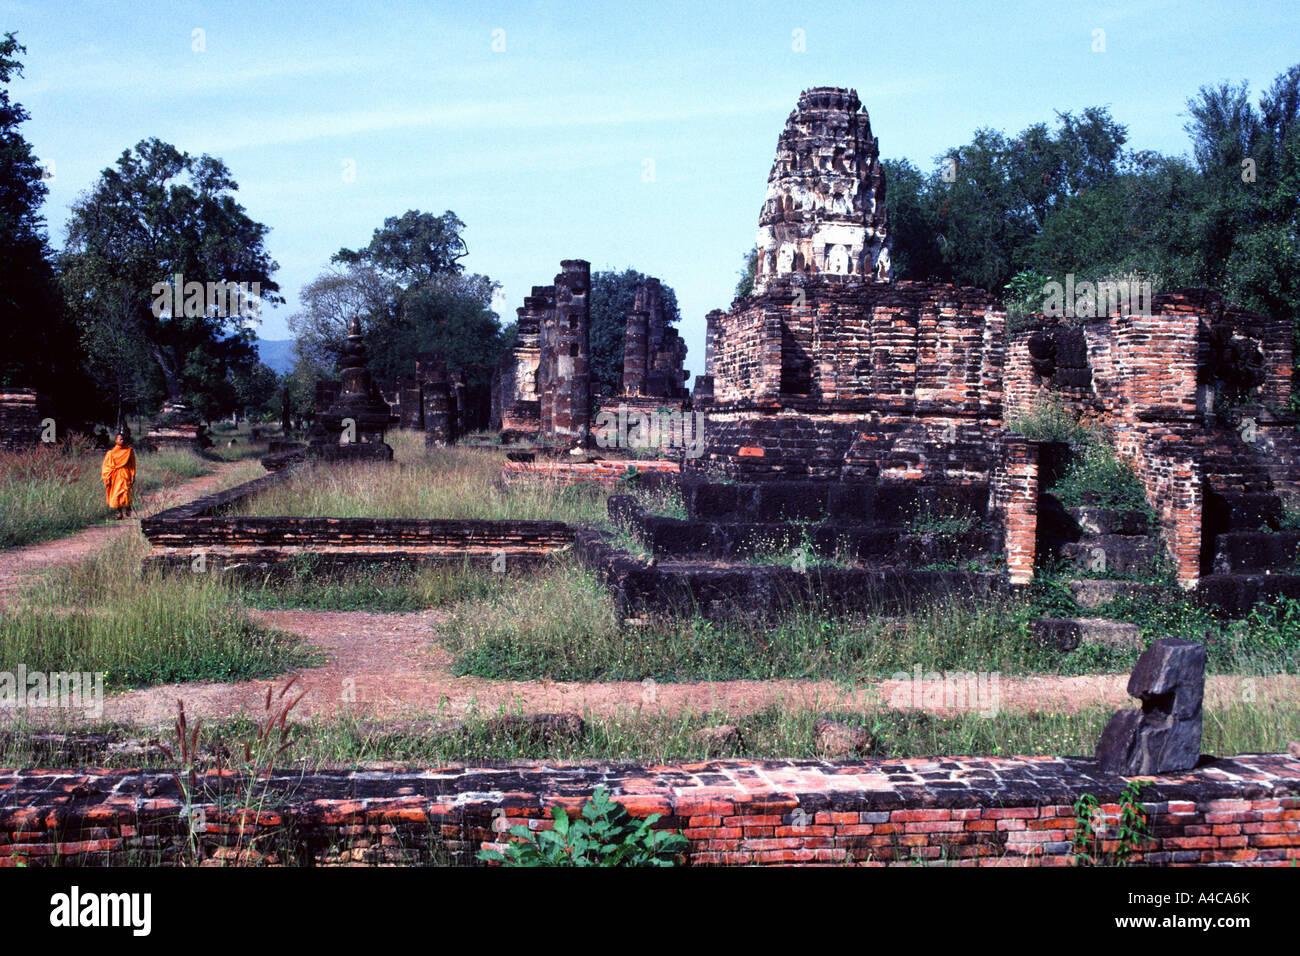 Jeune moine bouddhiste, Ayutthaya, Thaïlande Banque D'Images